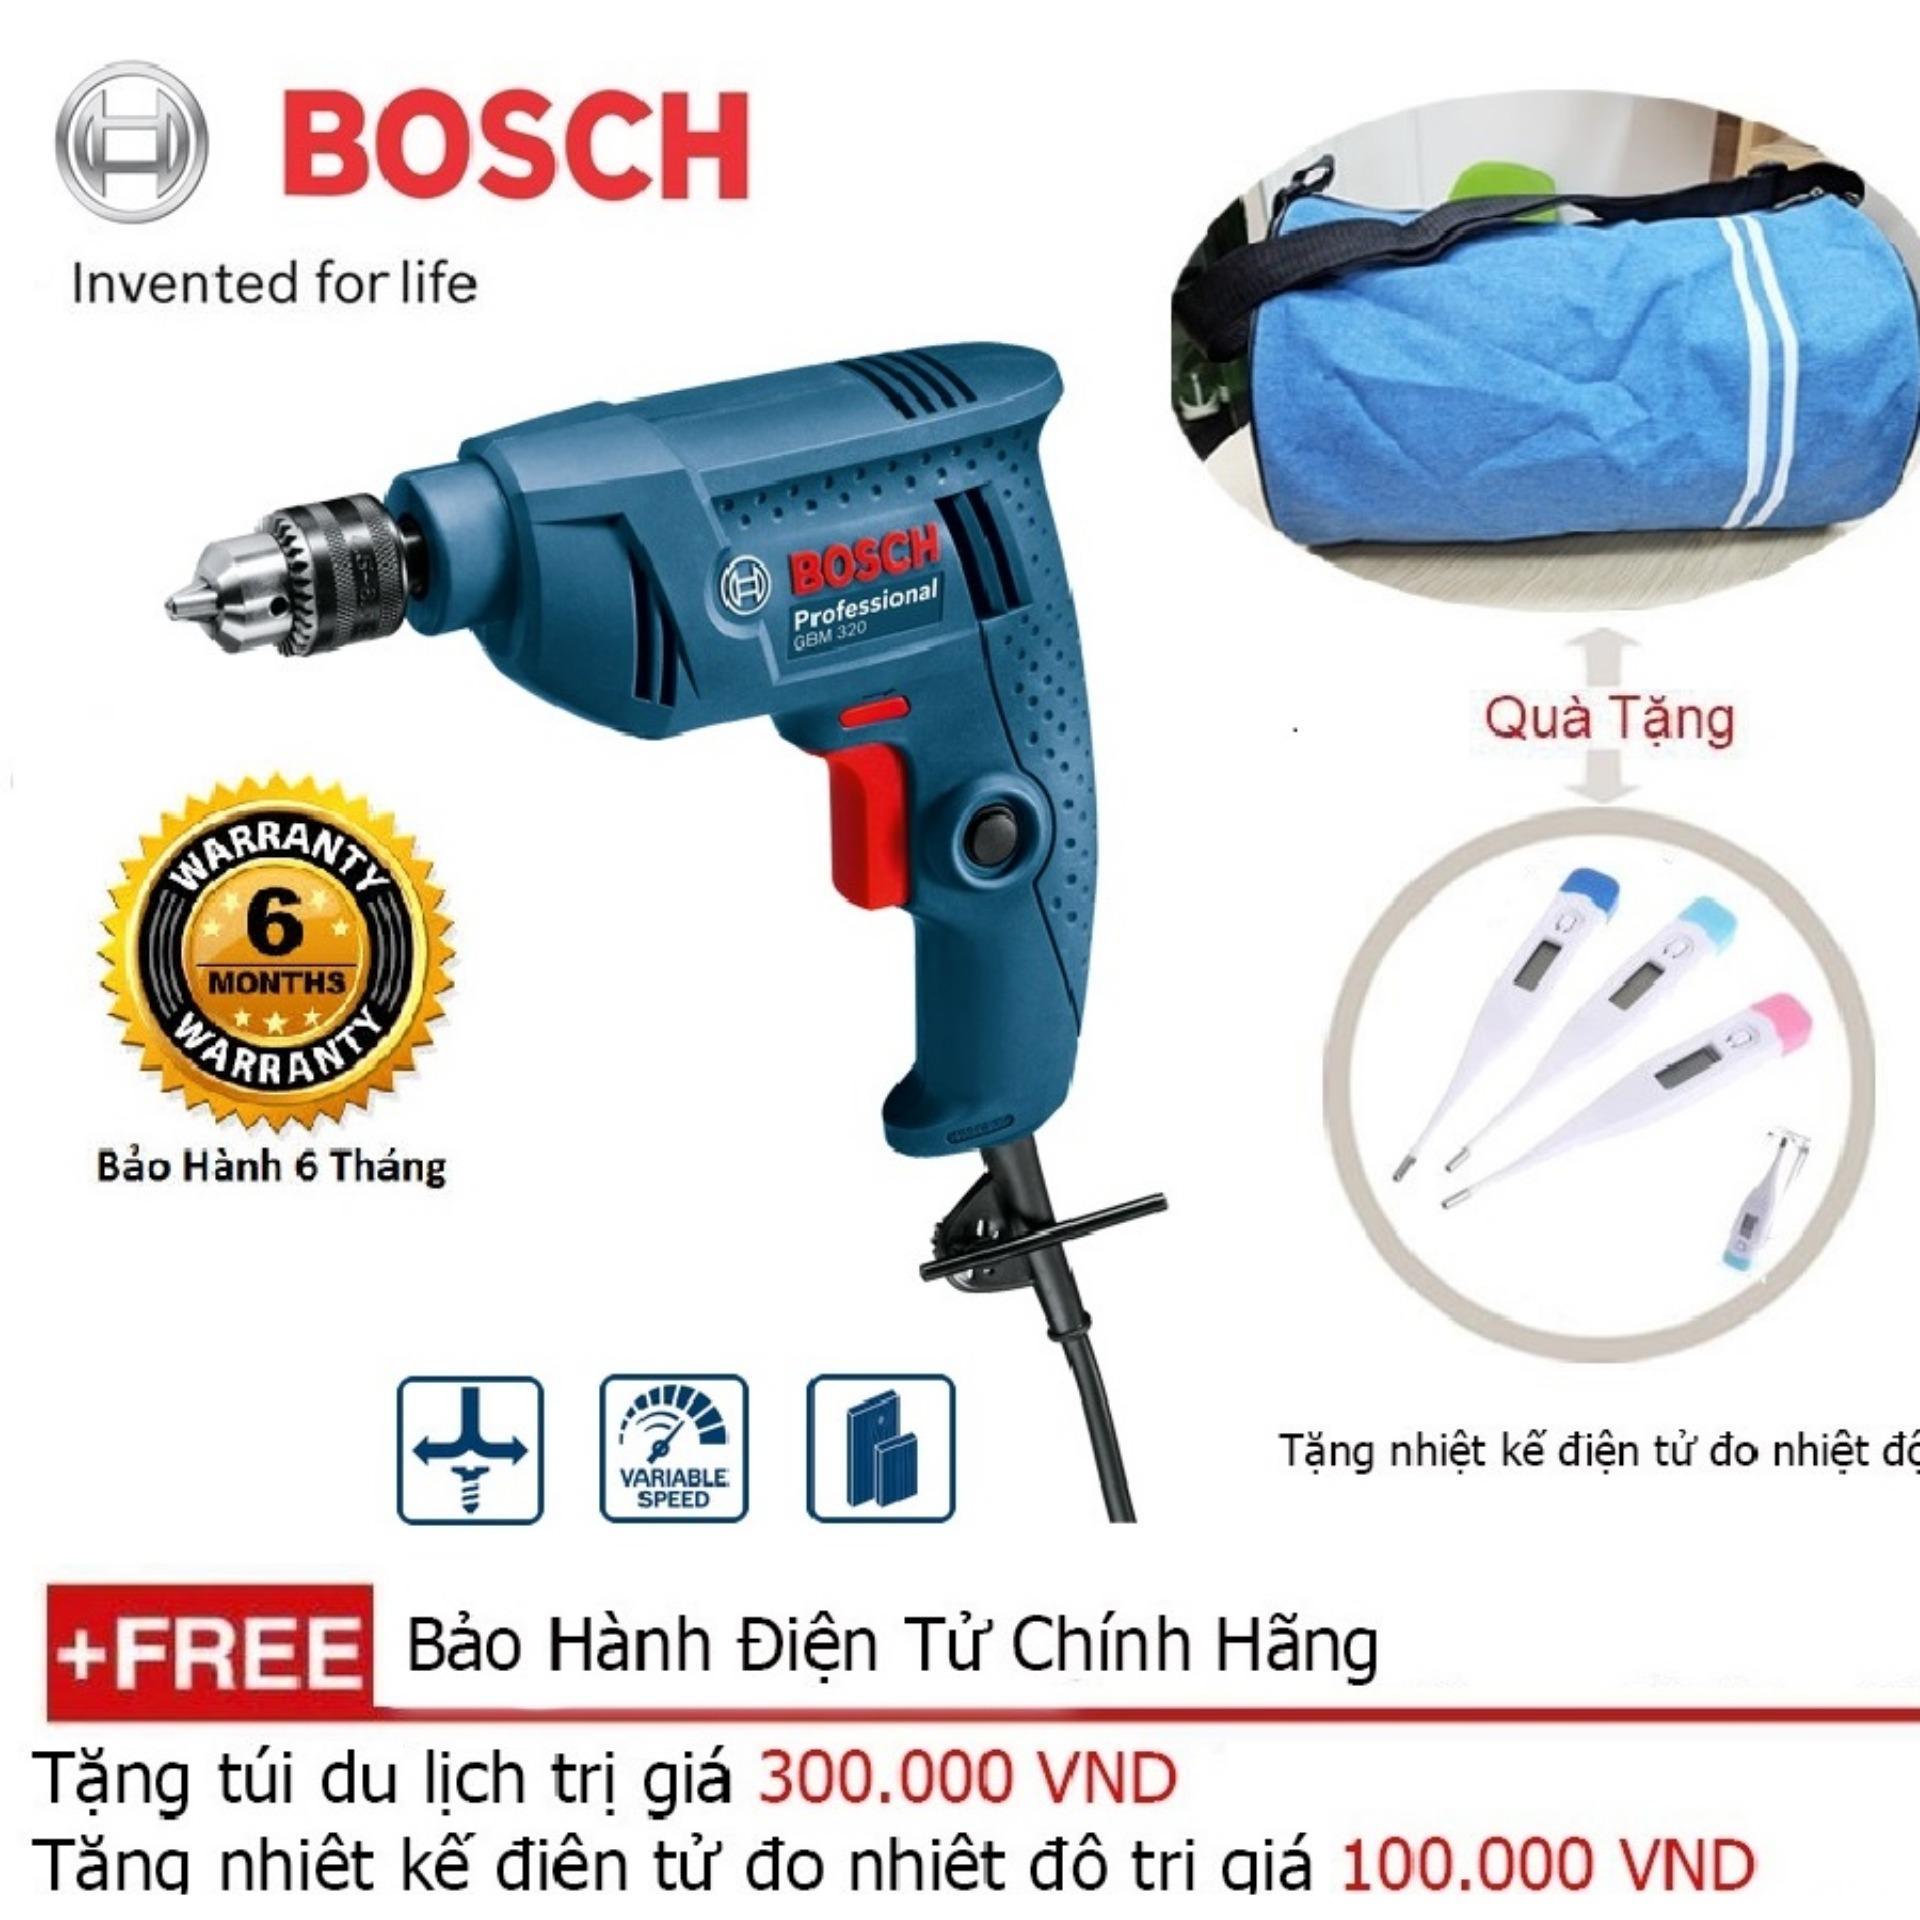 Máy khoan Bosch GBM 320 - Tặng balo du lịch